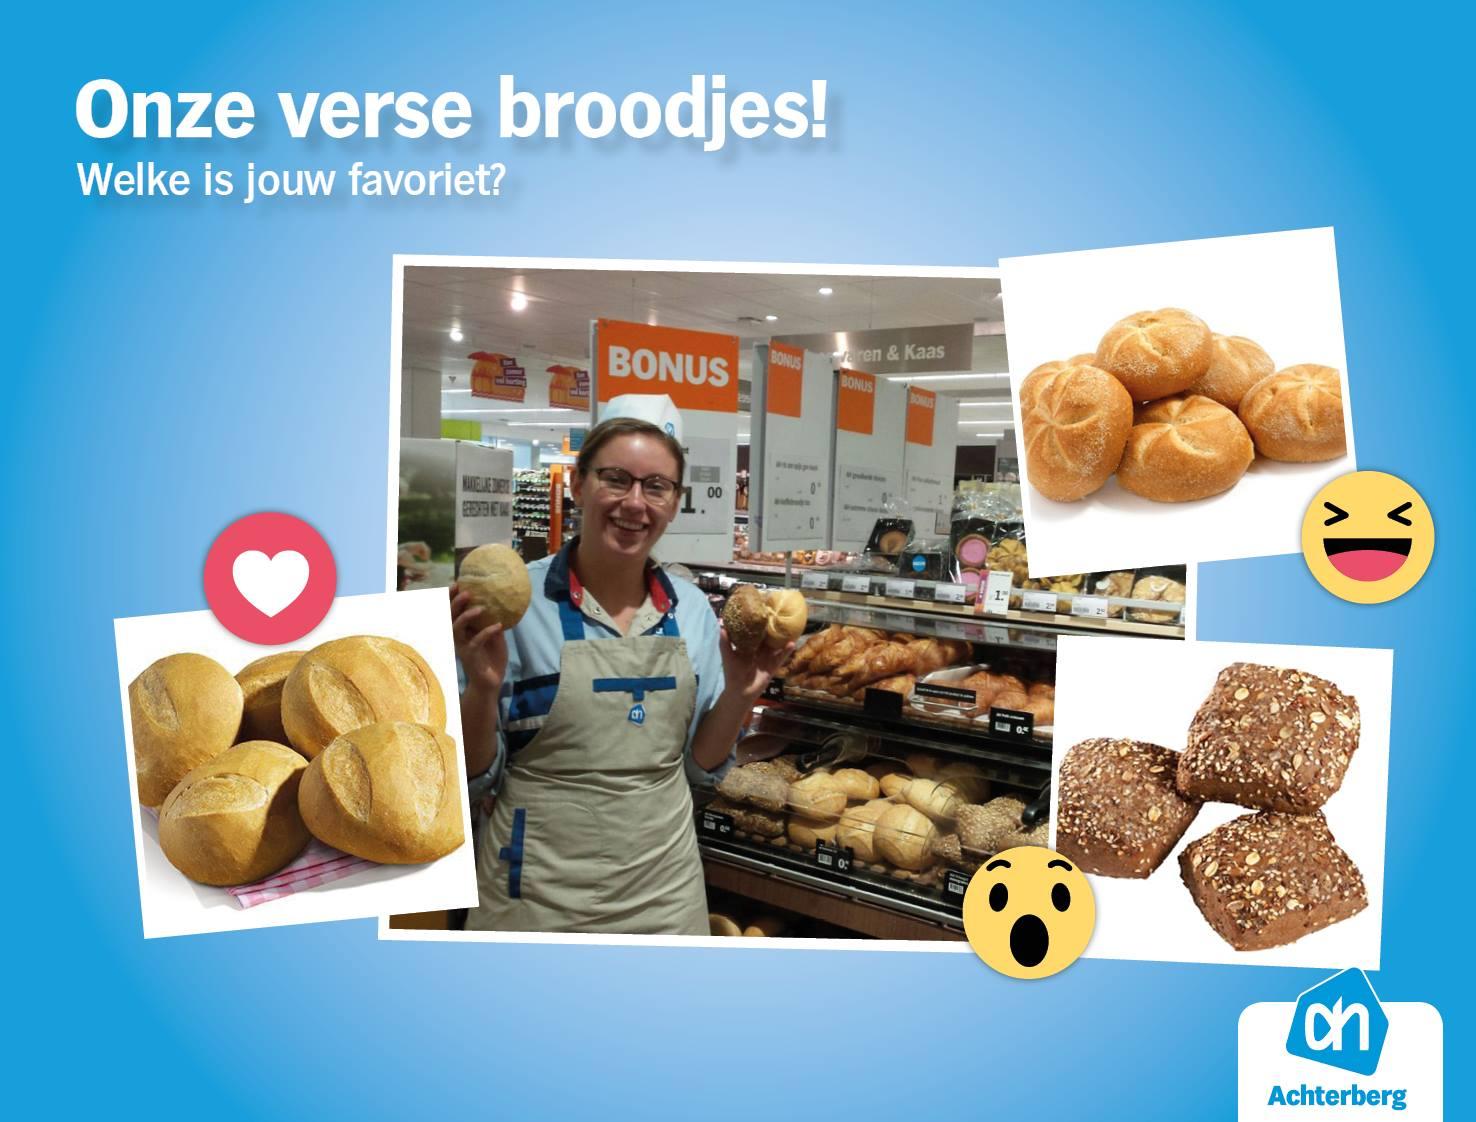 Onze verse broodjes!